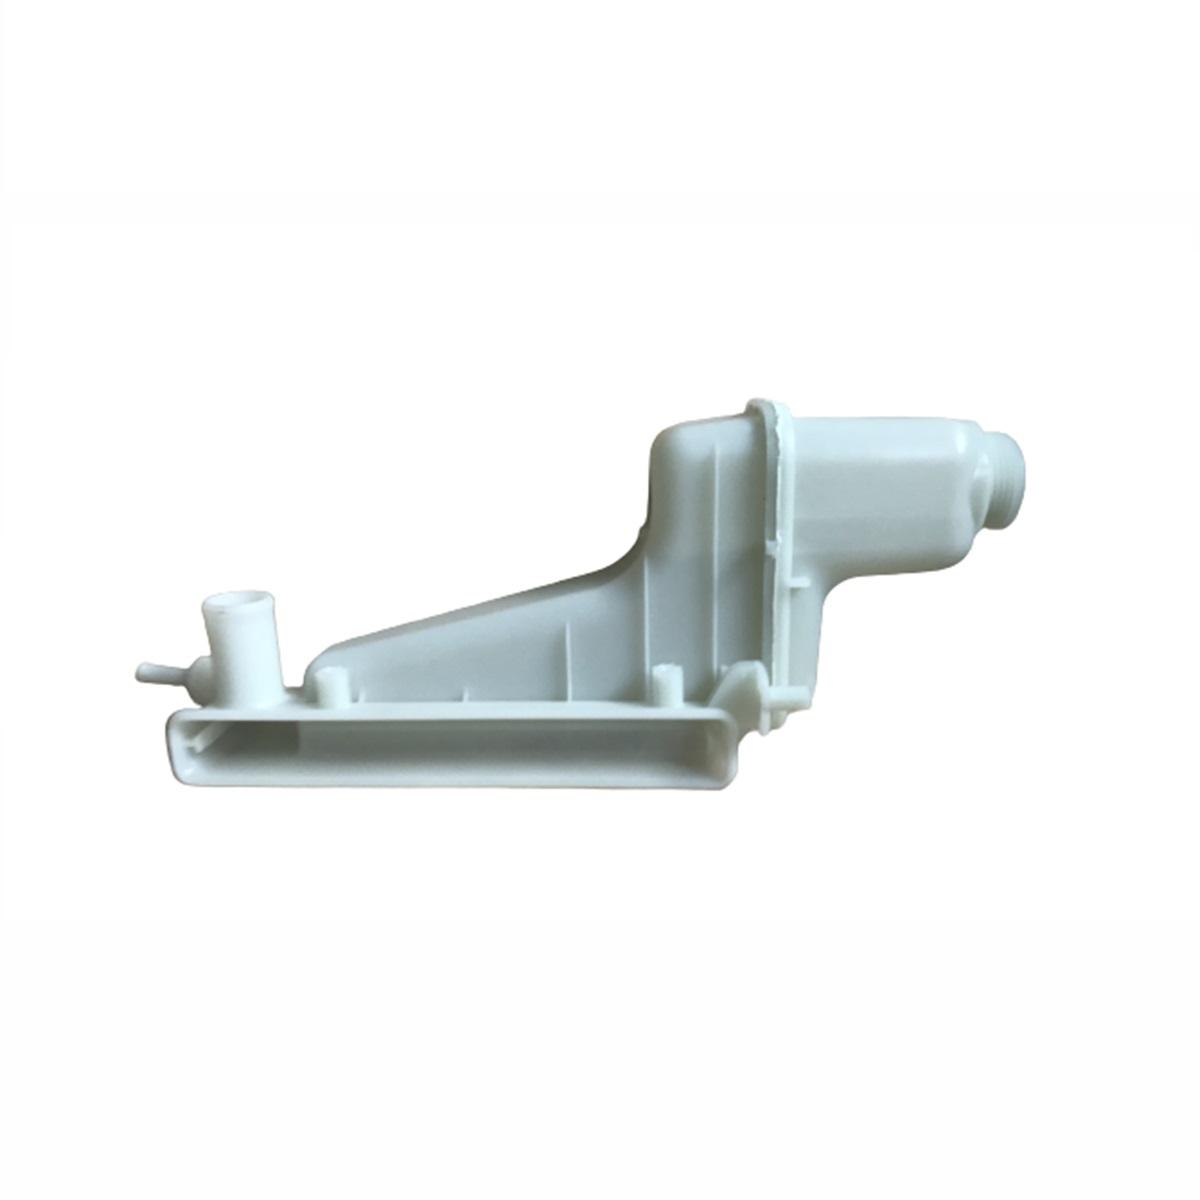 Caixa de Radiador Chevrolet Celta Com Reservatório 2000 a 2005 42mmx287mm